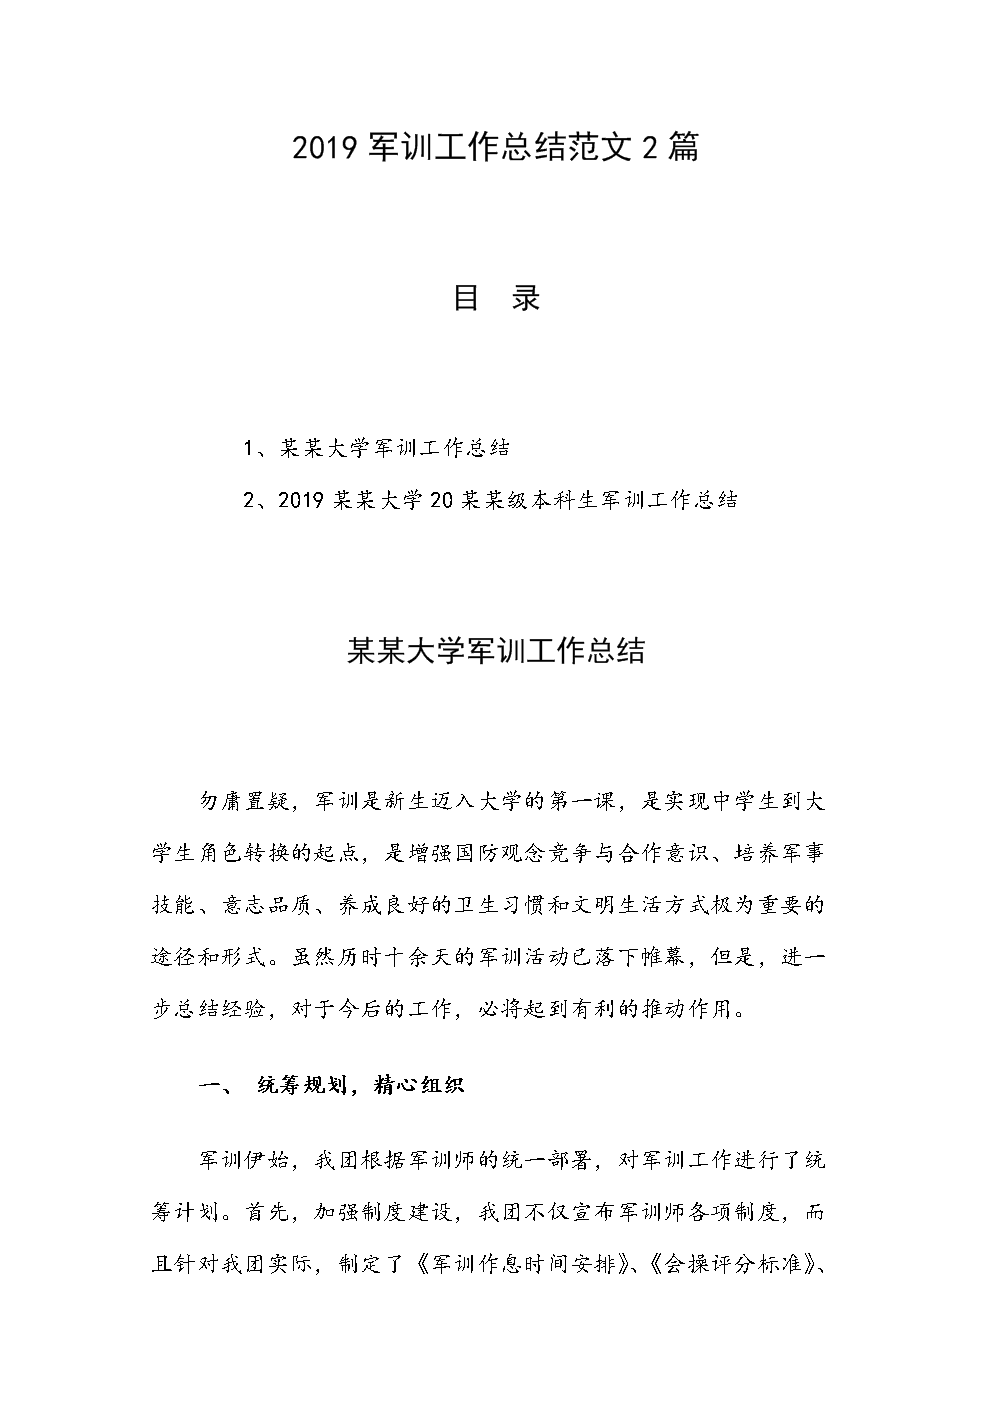 2019军训工作总结范文2篇.docx